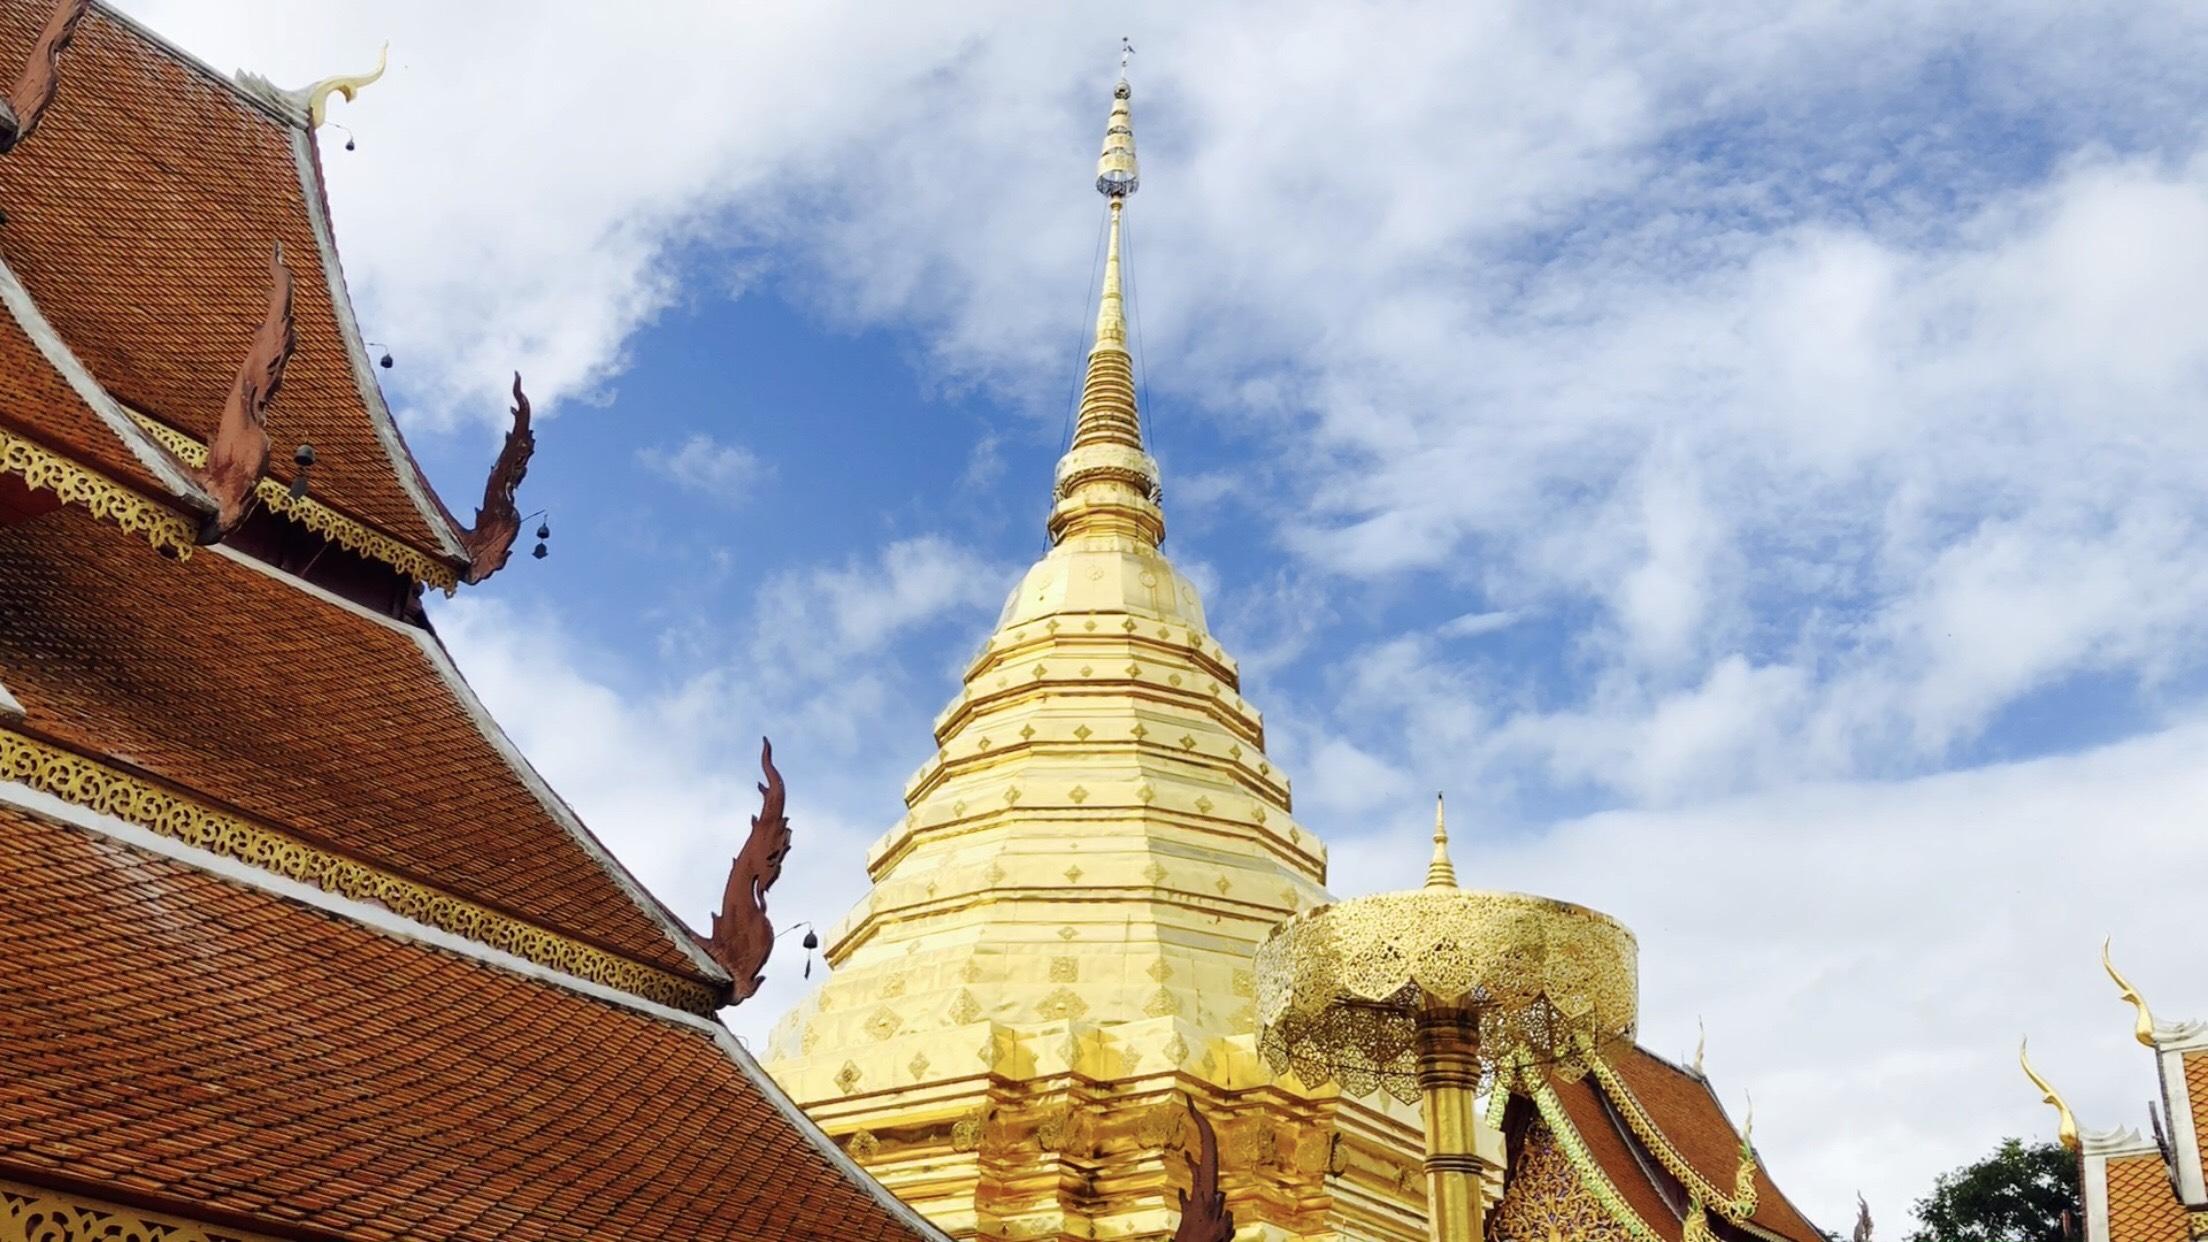 Ngôi chùa hơn 700 tuổi với bảo tháp mạ vàng ở Thái Lan